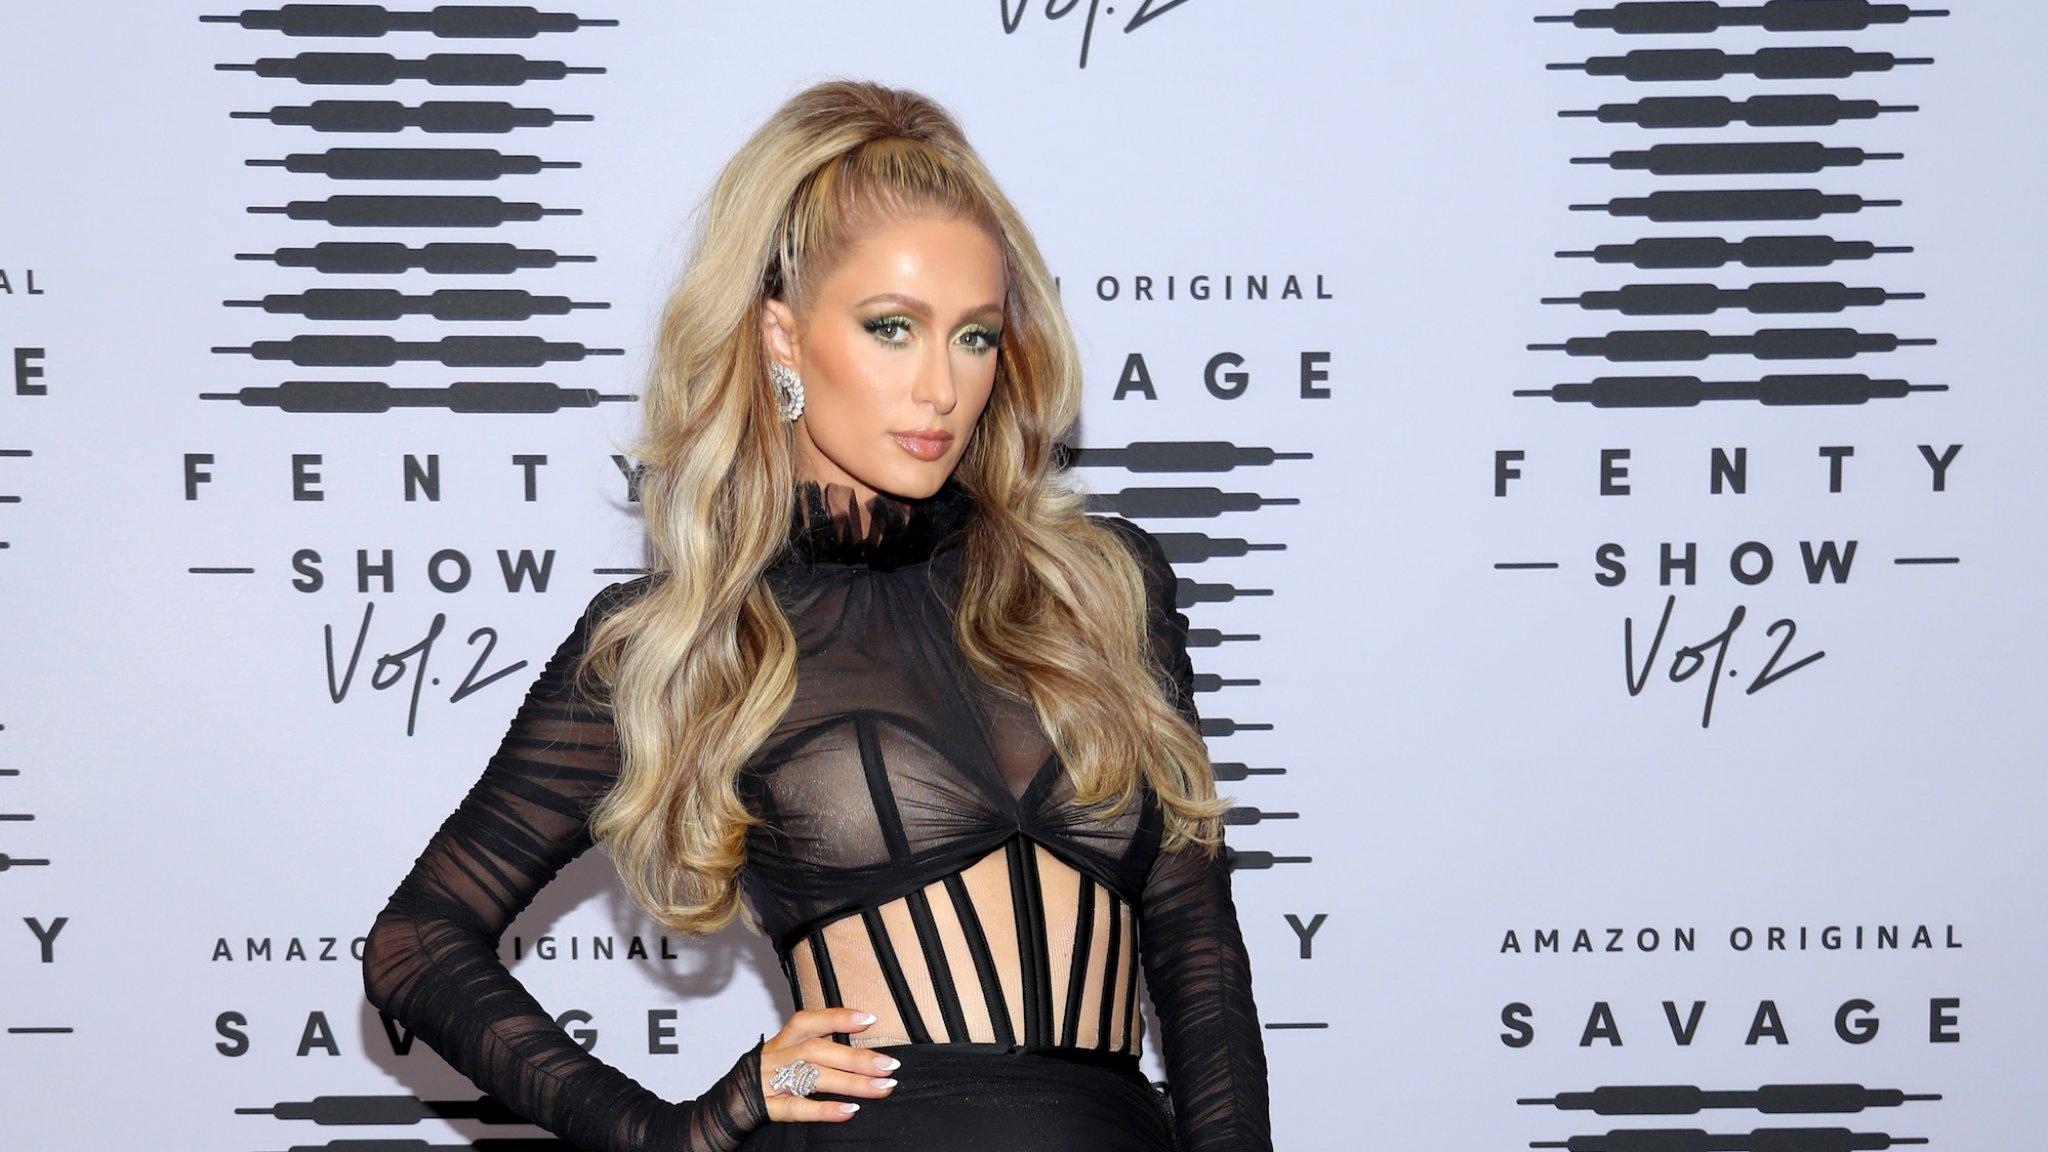 Paris Hilton verwijt David Letterman: 'Vernederde me opzettelijk' - RTL Nieuws